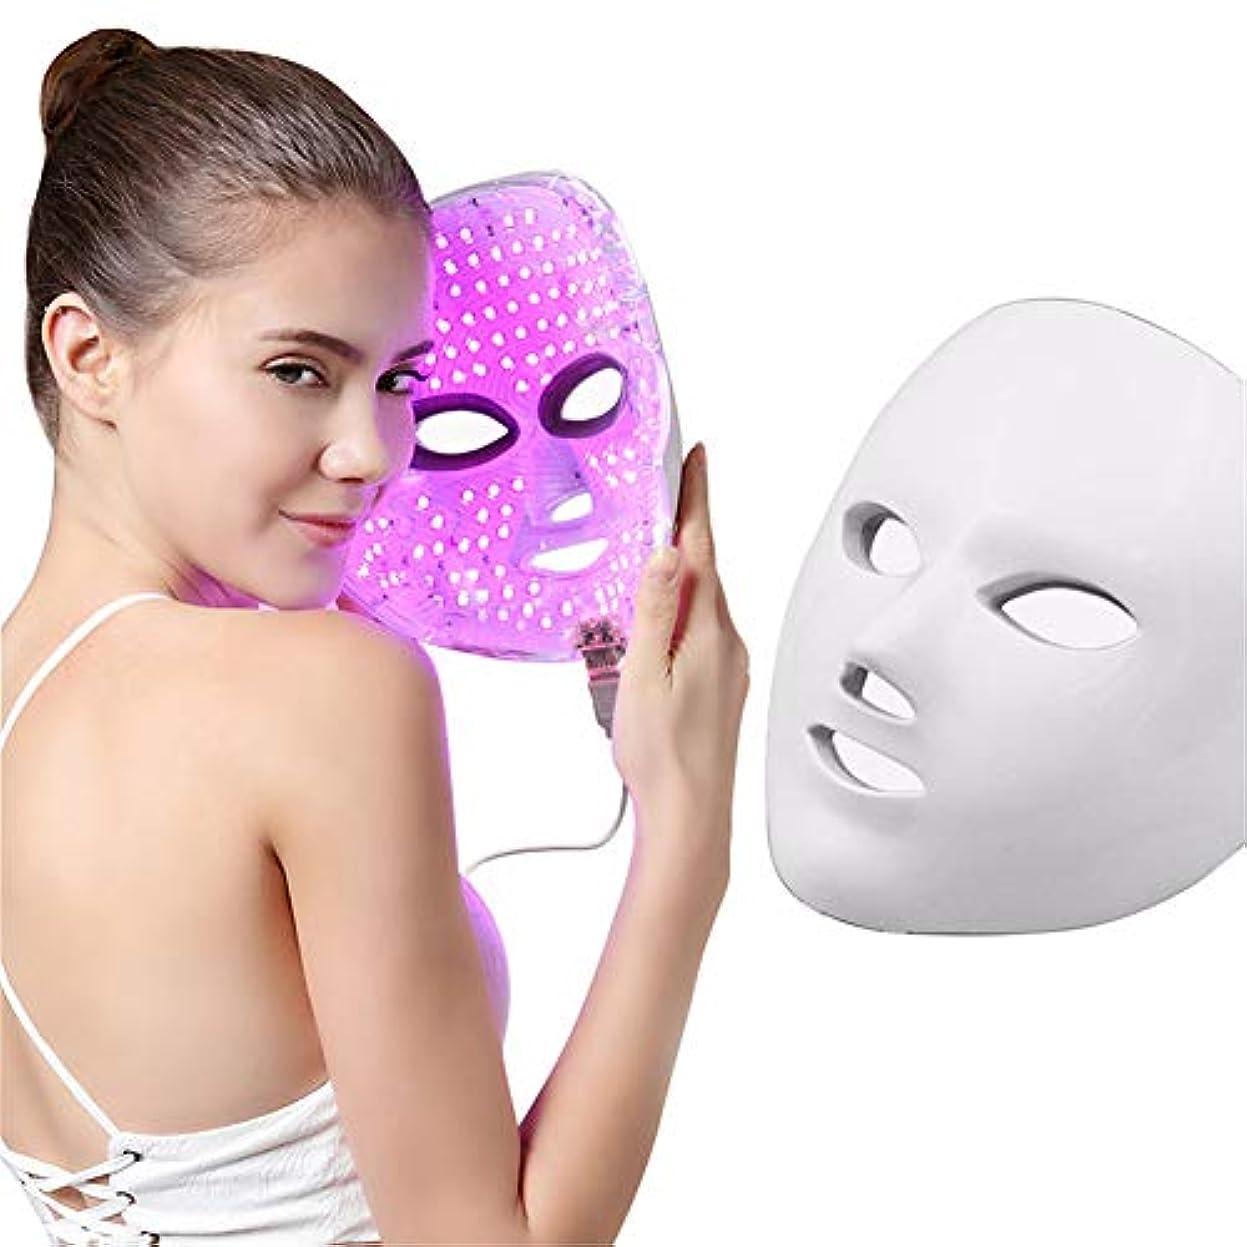 シャトル未使用実験室7色ledマスク若返りにきび除去しわライト美容マスクled光線療法マッサージフェイシャルケア機付きリモコン